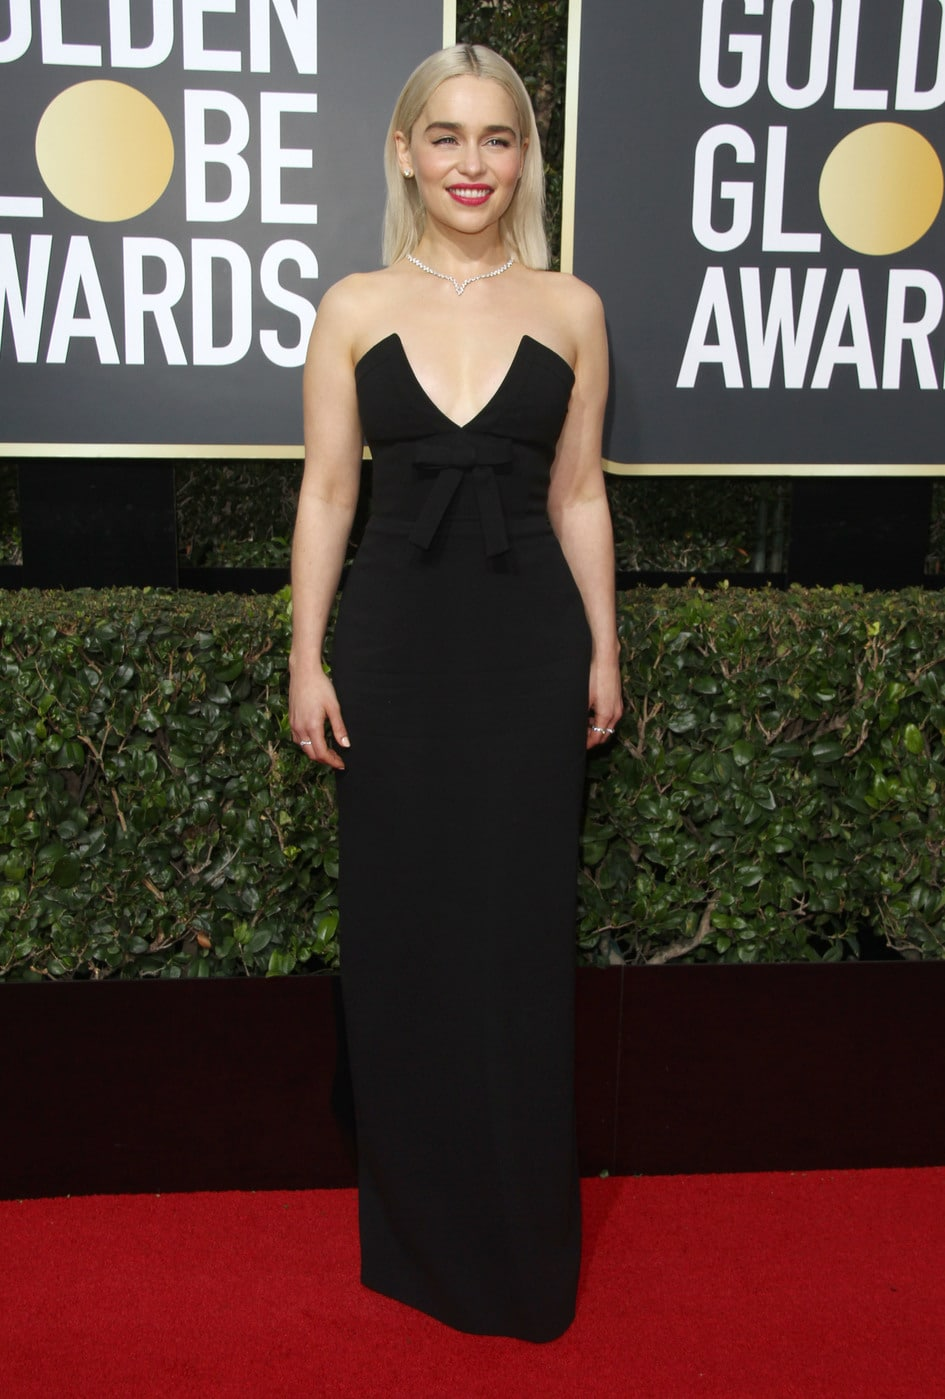 Emilia Clarke in a black Miu Miu gown at the 2018 Golden Globe awards